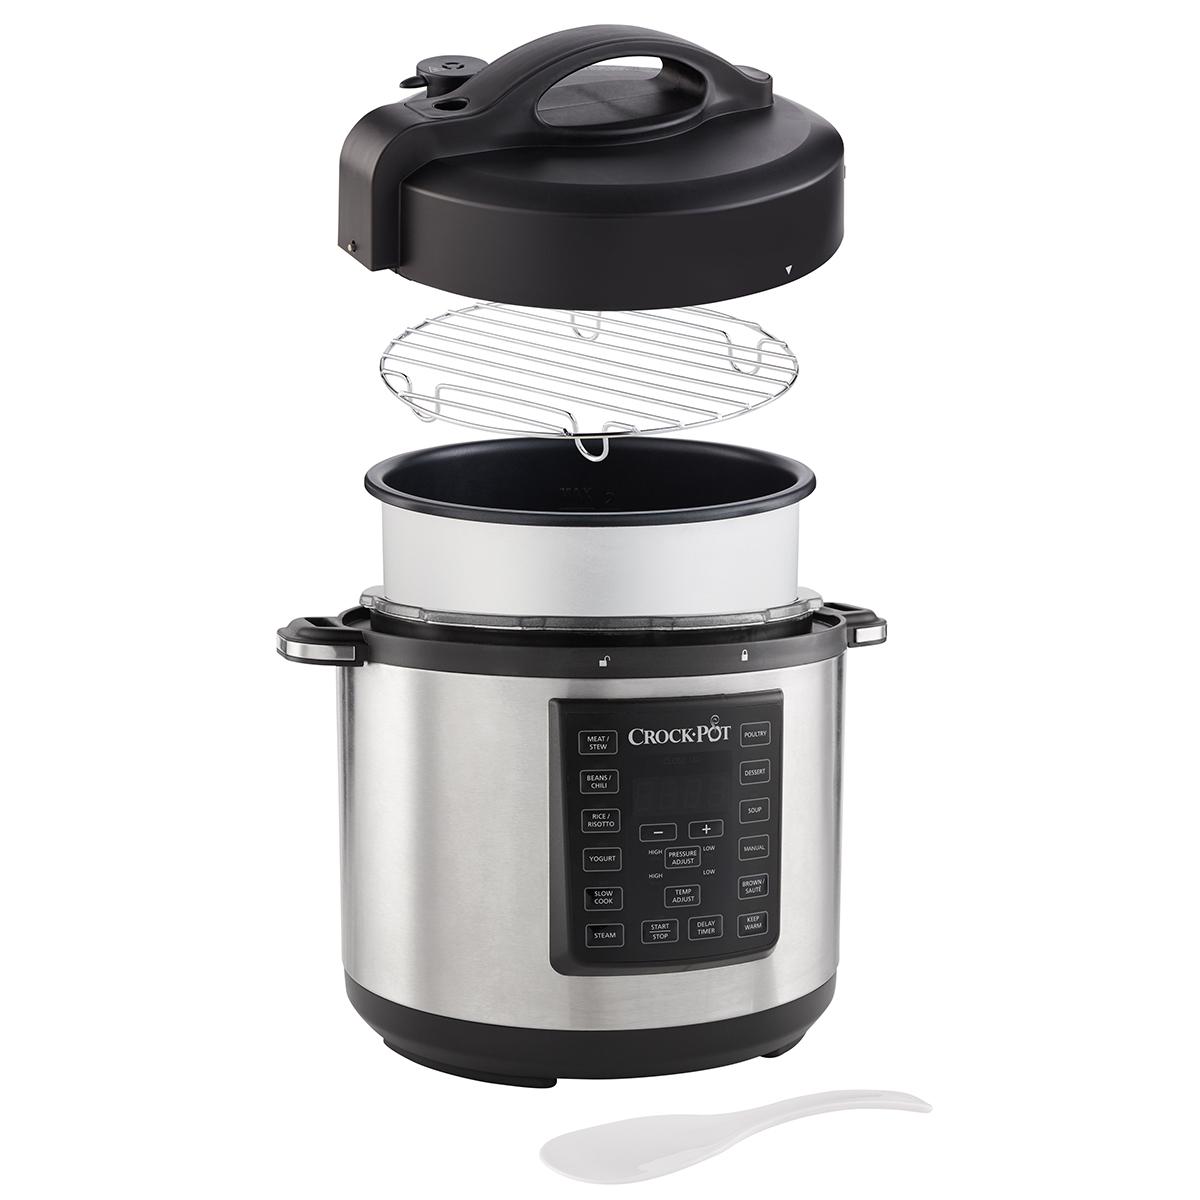 Crockpot slow cooker - 5,7 liter